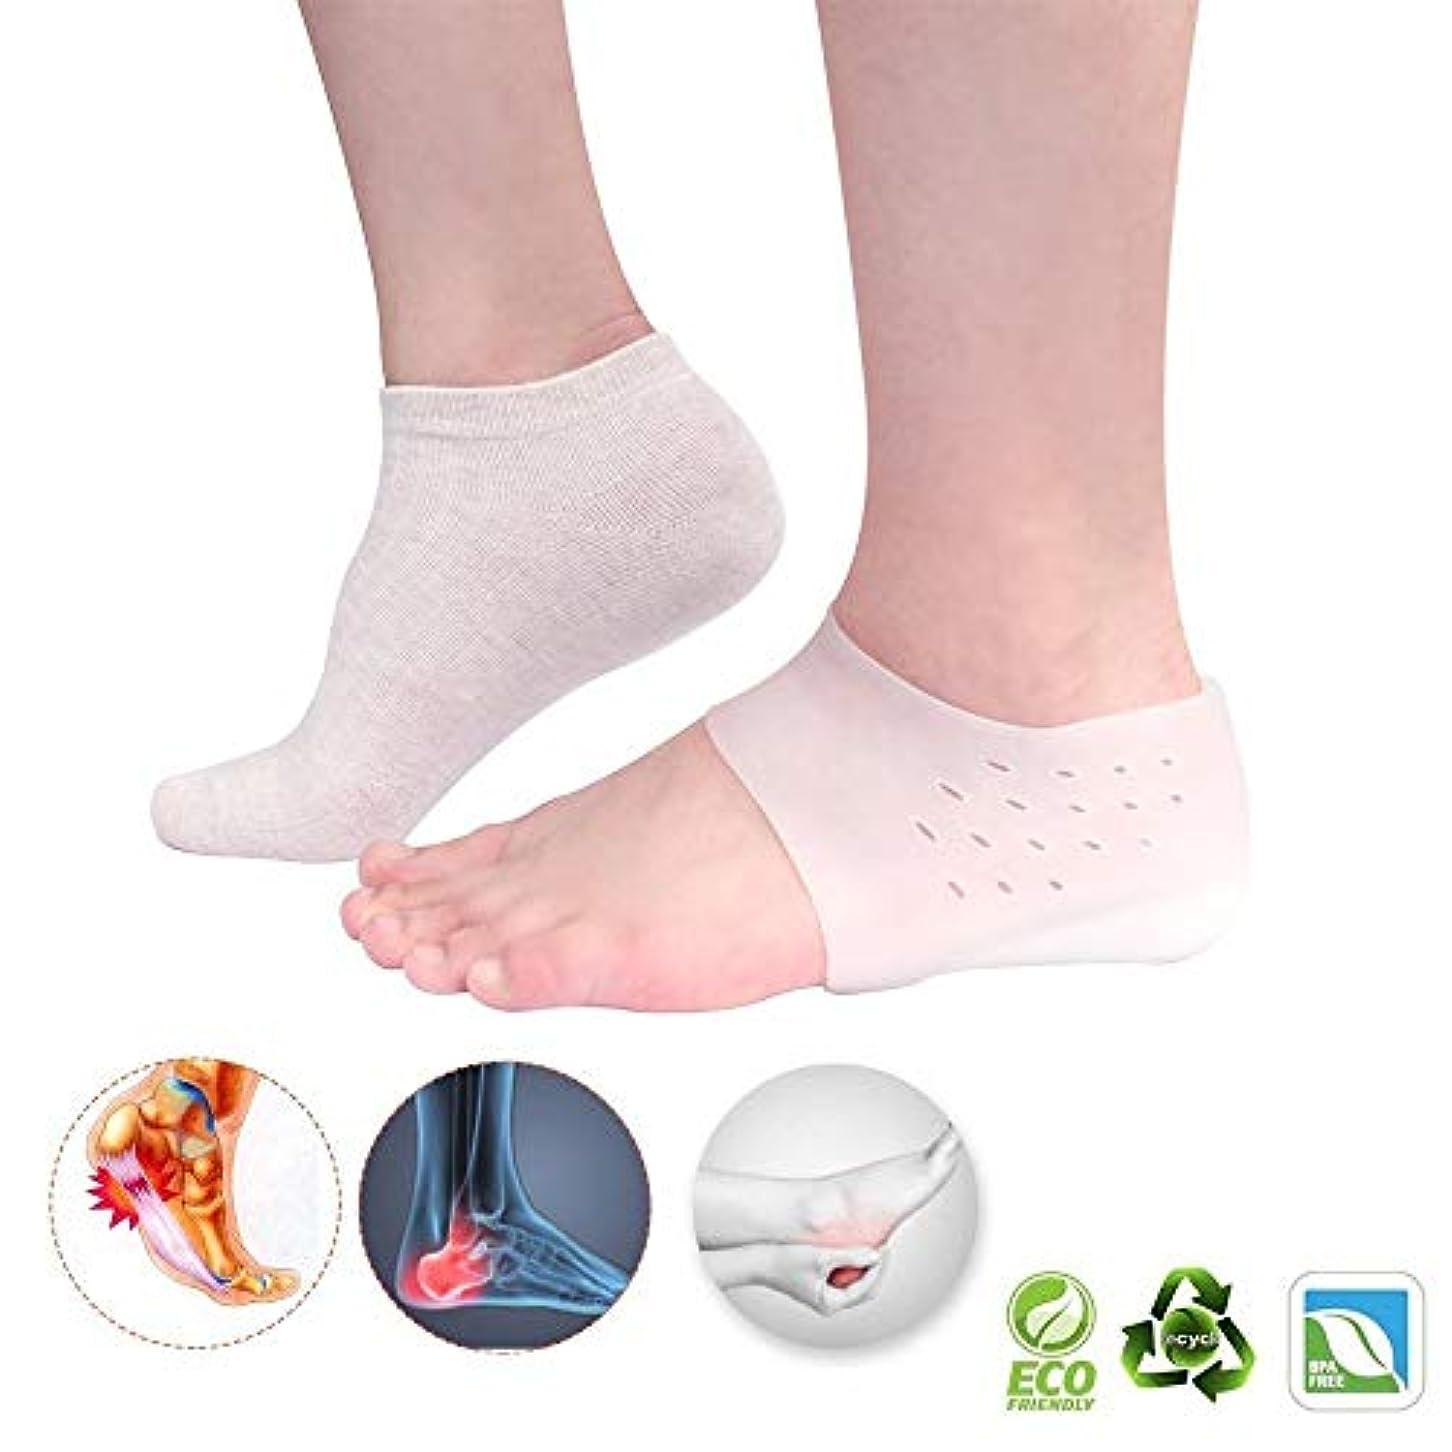 プランターデザート傾向があります高さ増加ジェルスリーブ-足底筋膜炎、足のクッションの男性の女性のためのゲルヒールの高さ見えないエレベーター、パッド、シリコーン見えないヒールプロテクターMen-3 cm